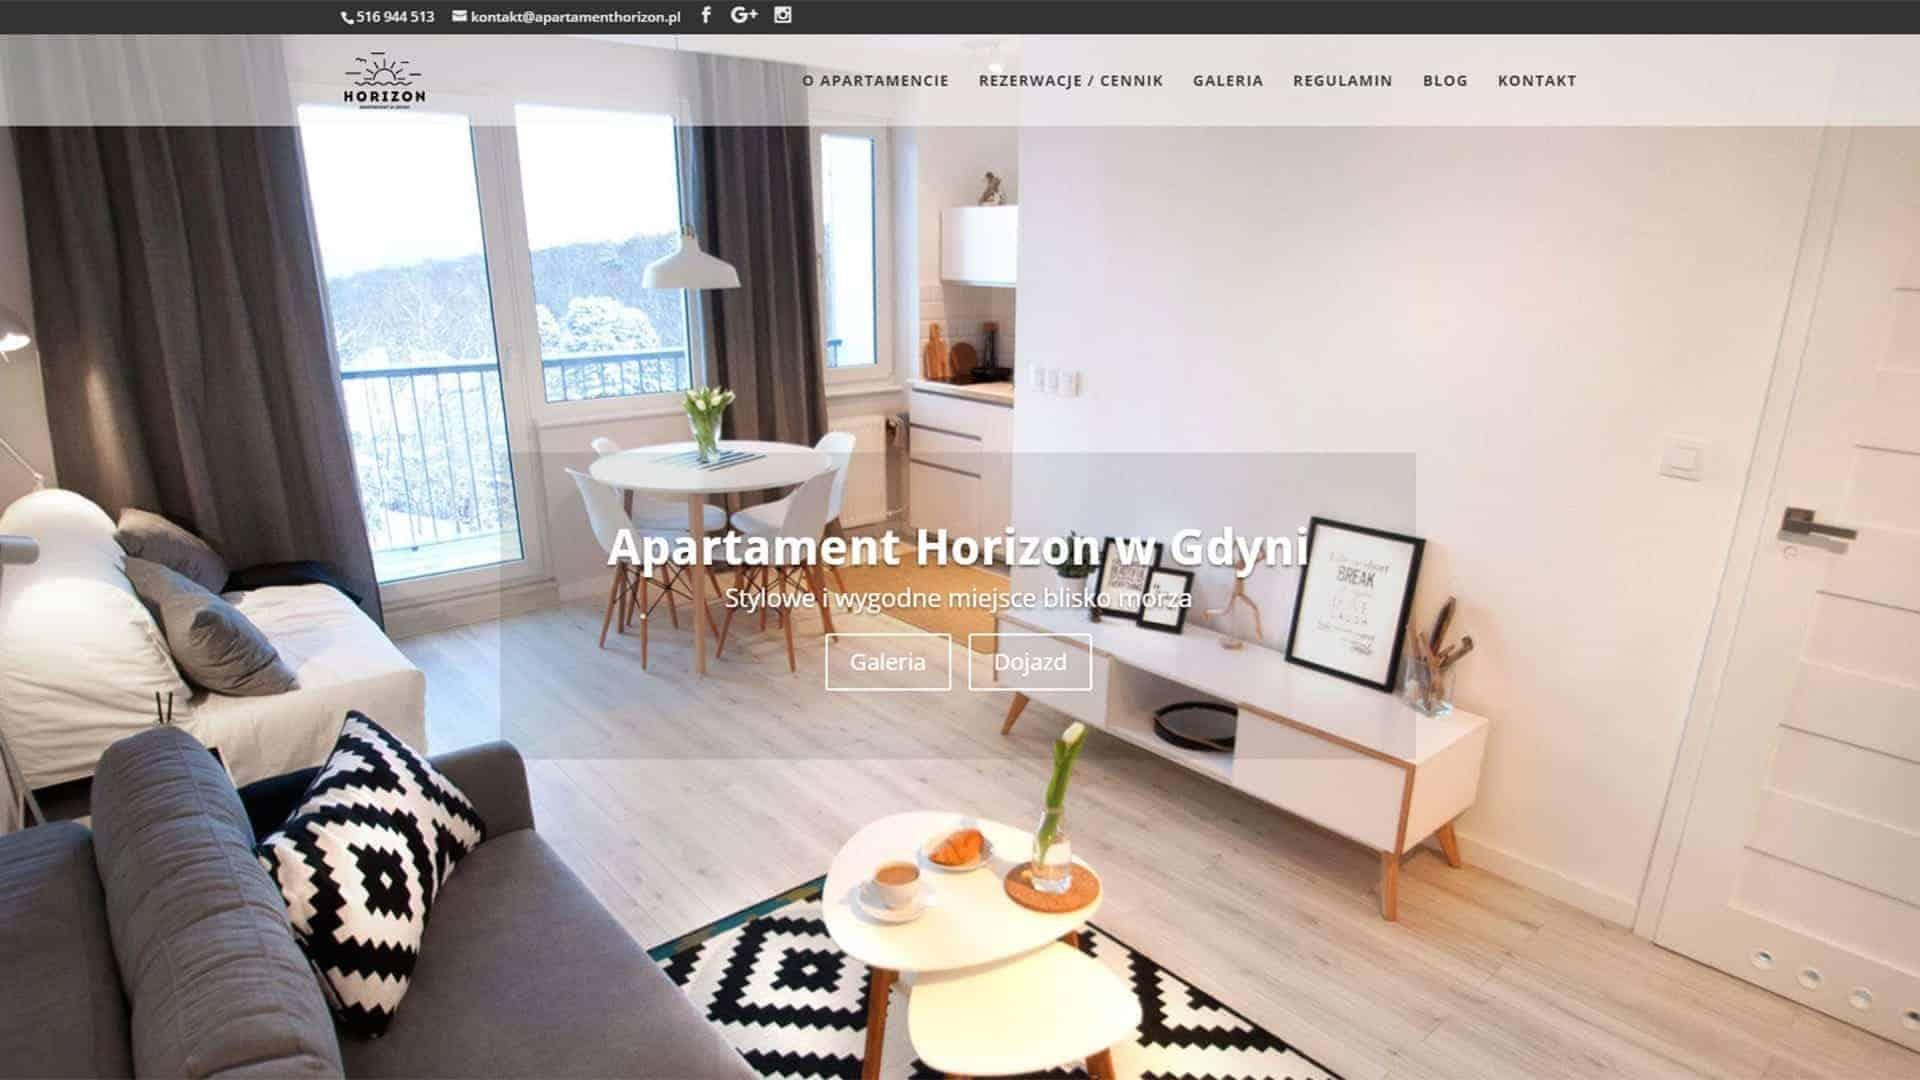 Strona internetowa dla Apartamentu Horizon w Gdyni